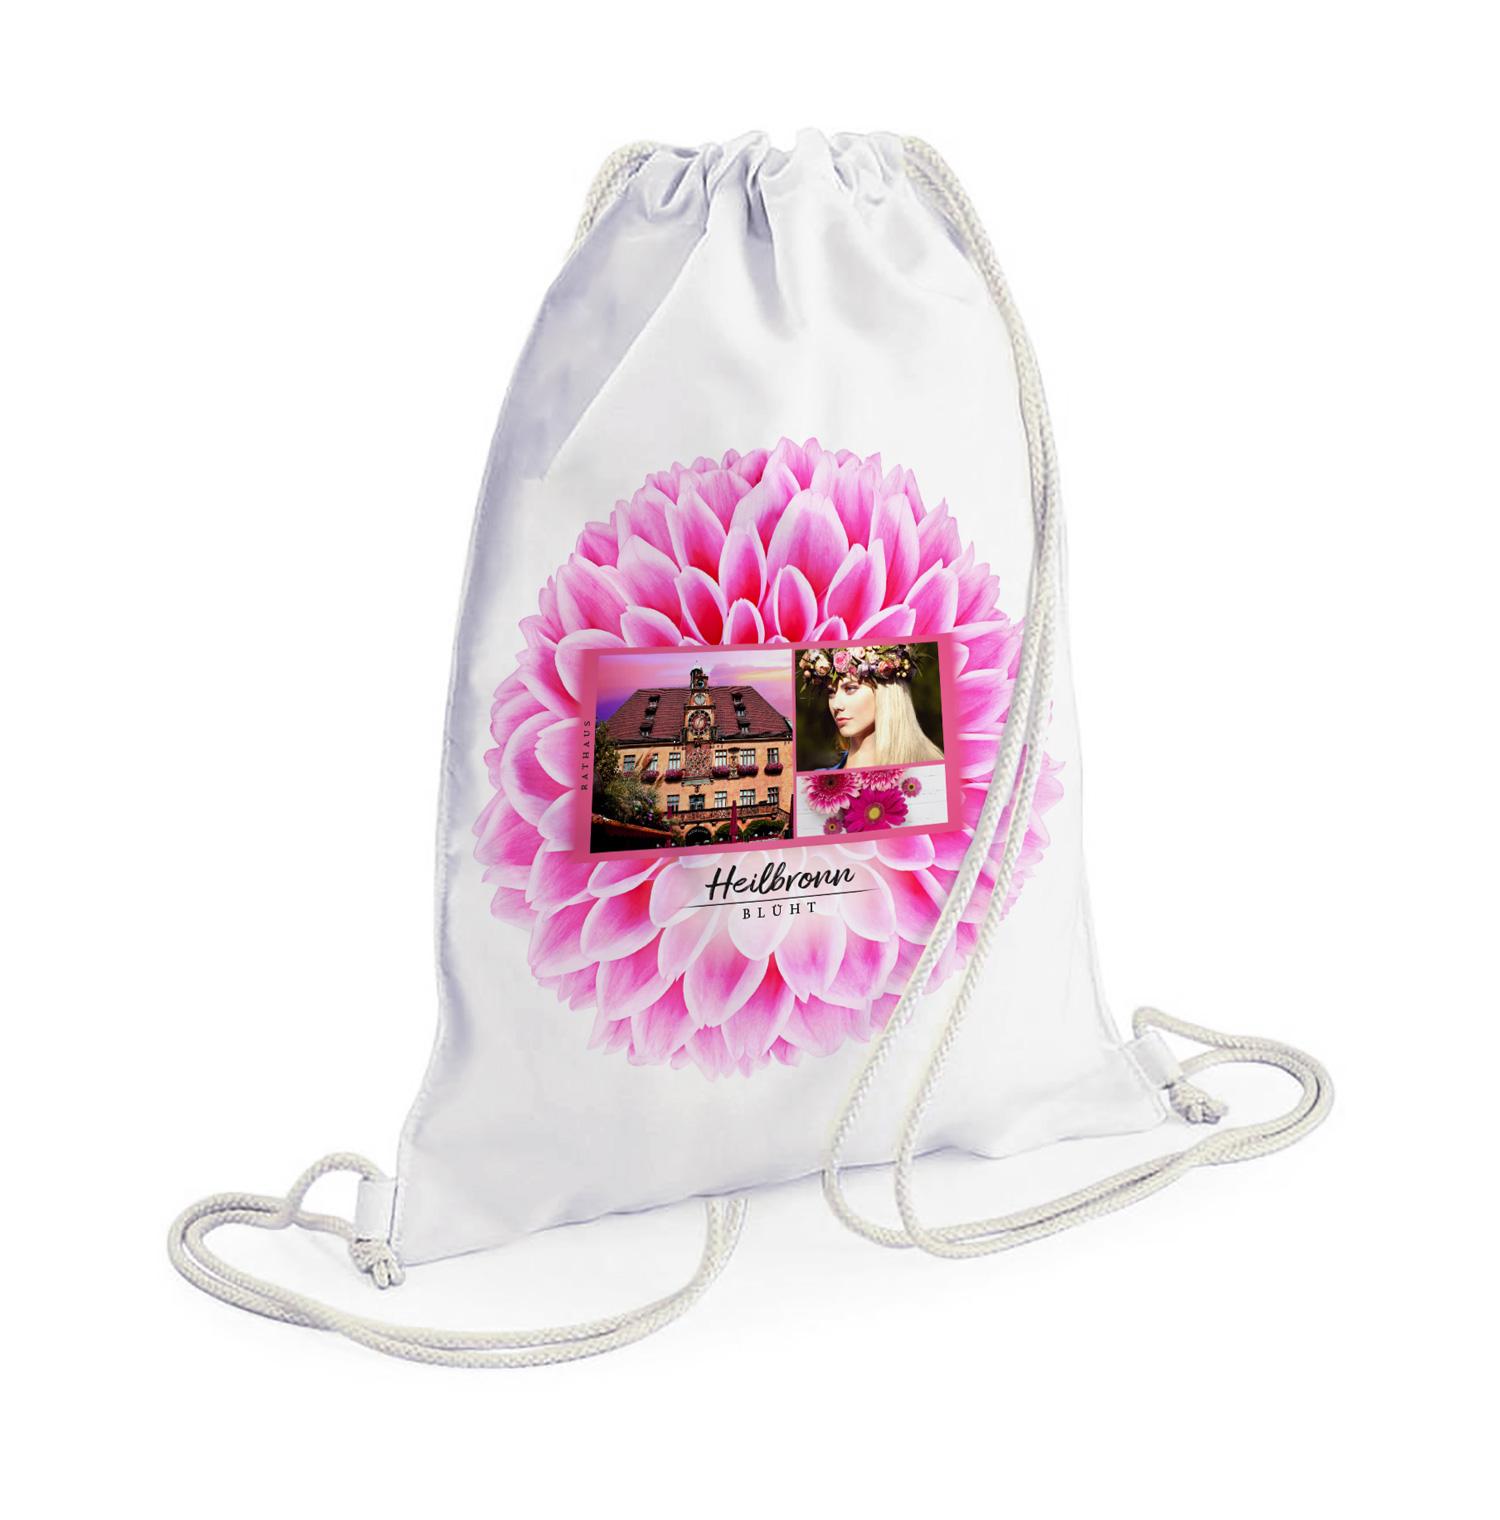 Schöner Heilbronn Rucksack mit Blumenmotiv